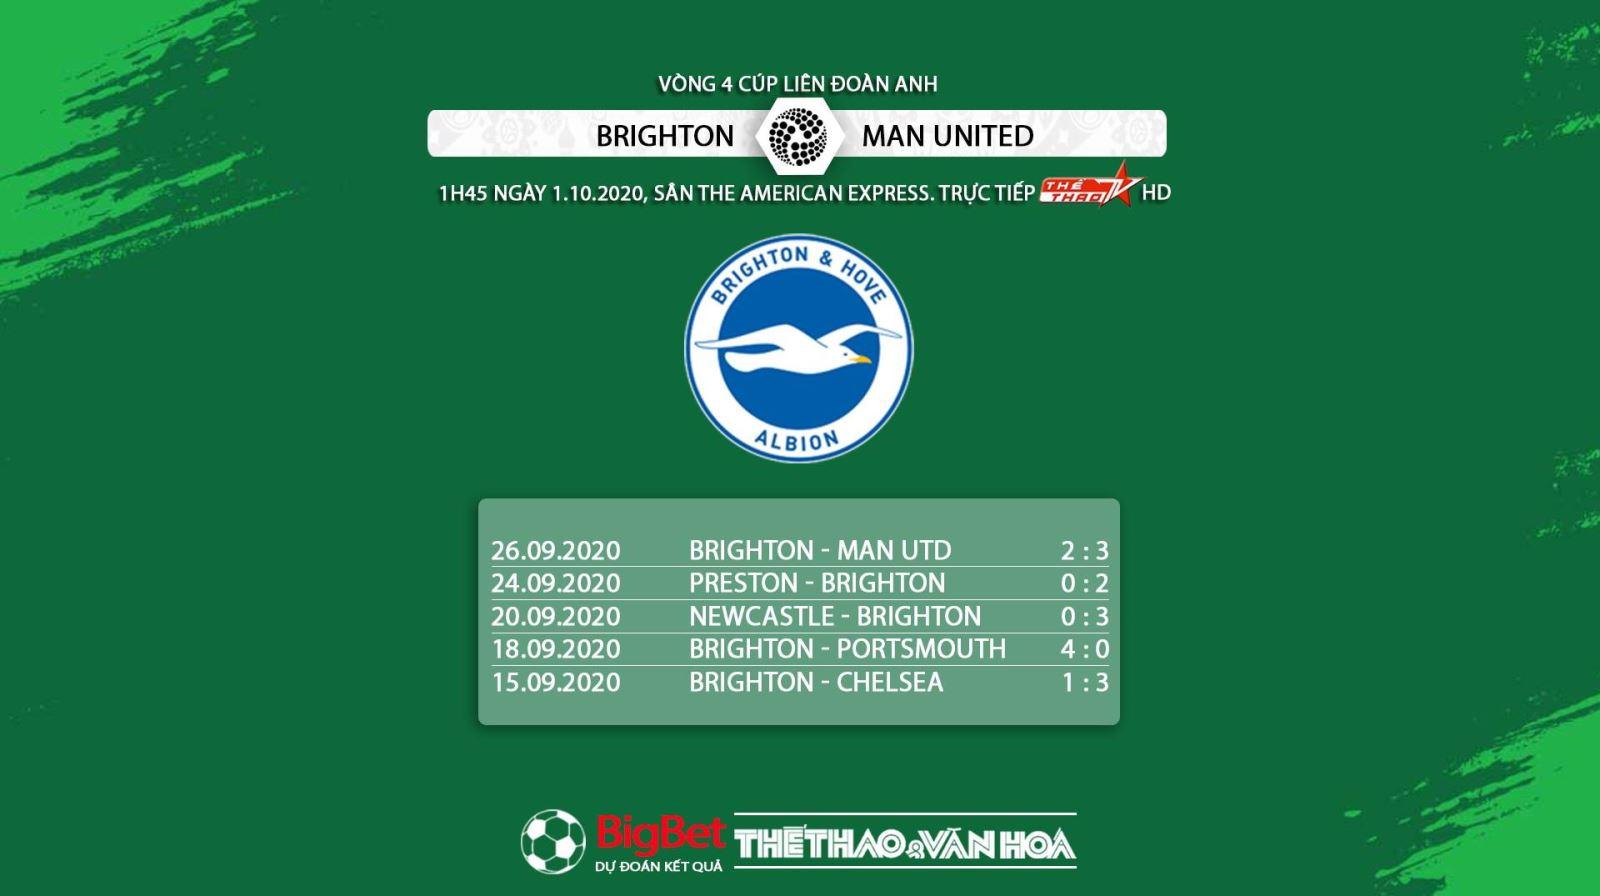 keo nha cai, Kèo nhà cái, Brighton vs MU, Vòng 4 Cúp Liên đoàn Anh, Trực tiếp bóng đá Anh, Soi kèo Brighton đấu với MU, Kèo MU, trực tiếp MU đấu với Brighton